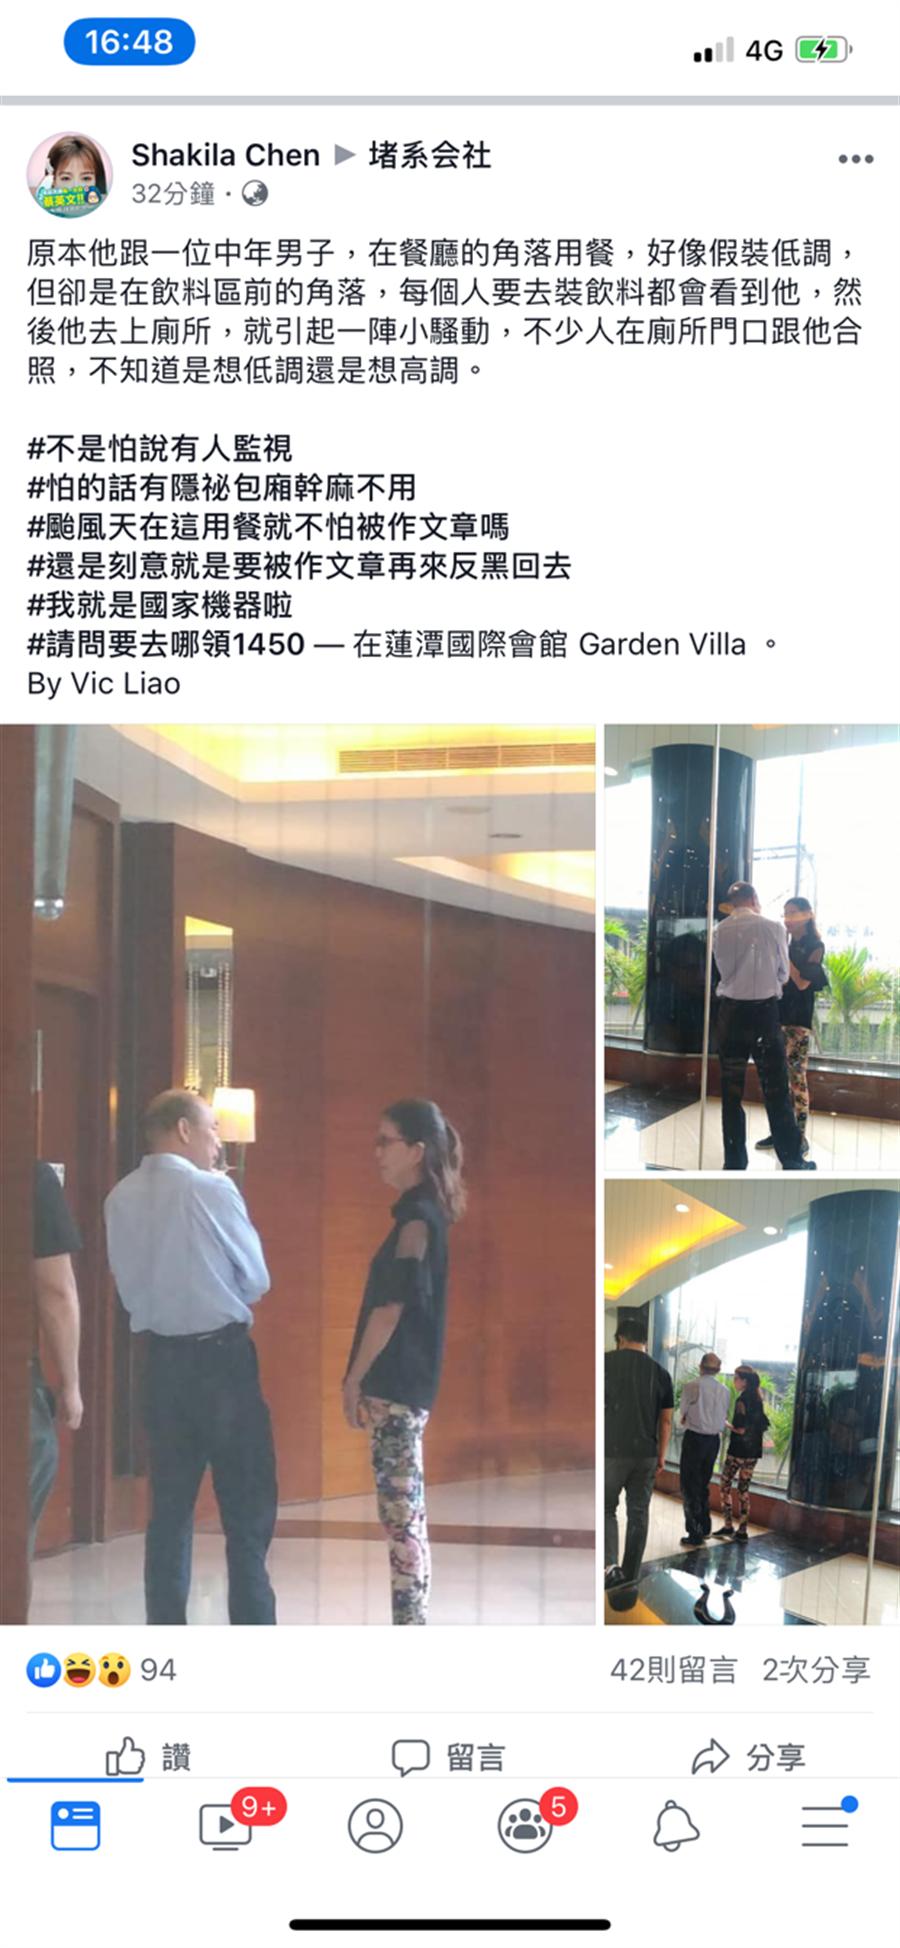 高雄市長韓國瑜今天被網友捕獲,質疑他颱風天趴趴走。(柯宗緯翻攝)